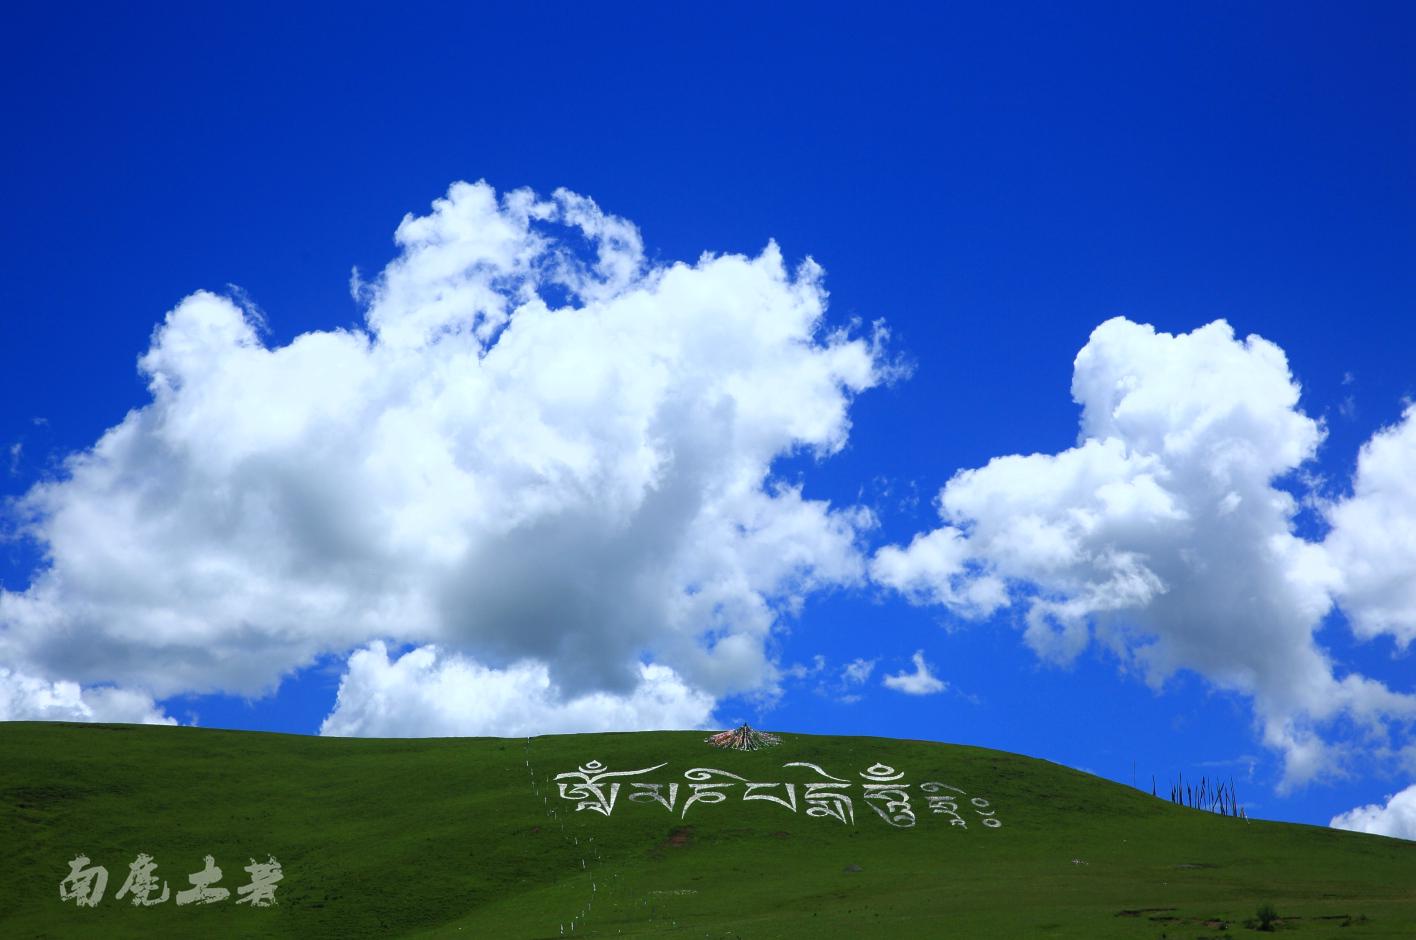 雅拉神山下歇歇脚,再看贡嘎日照金山